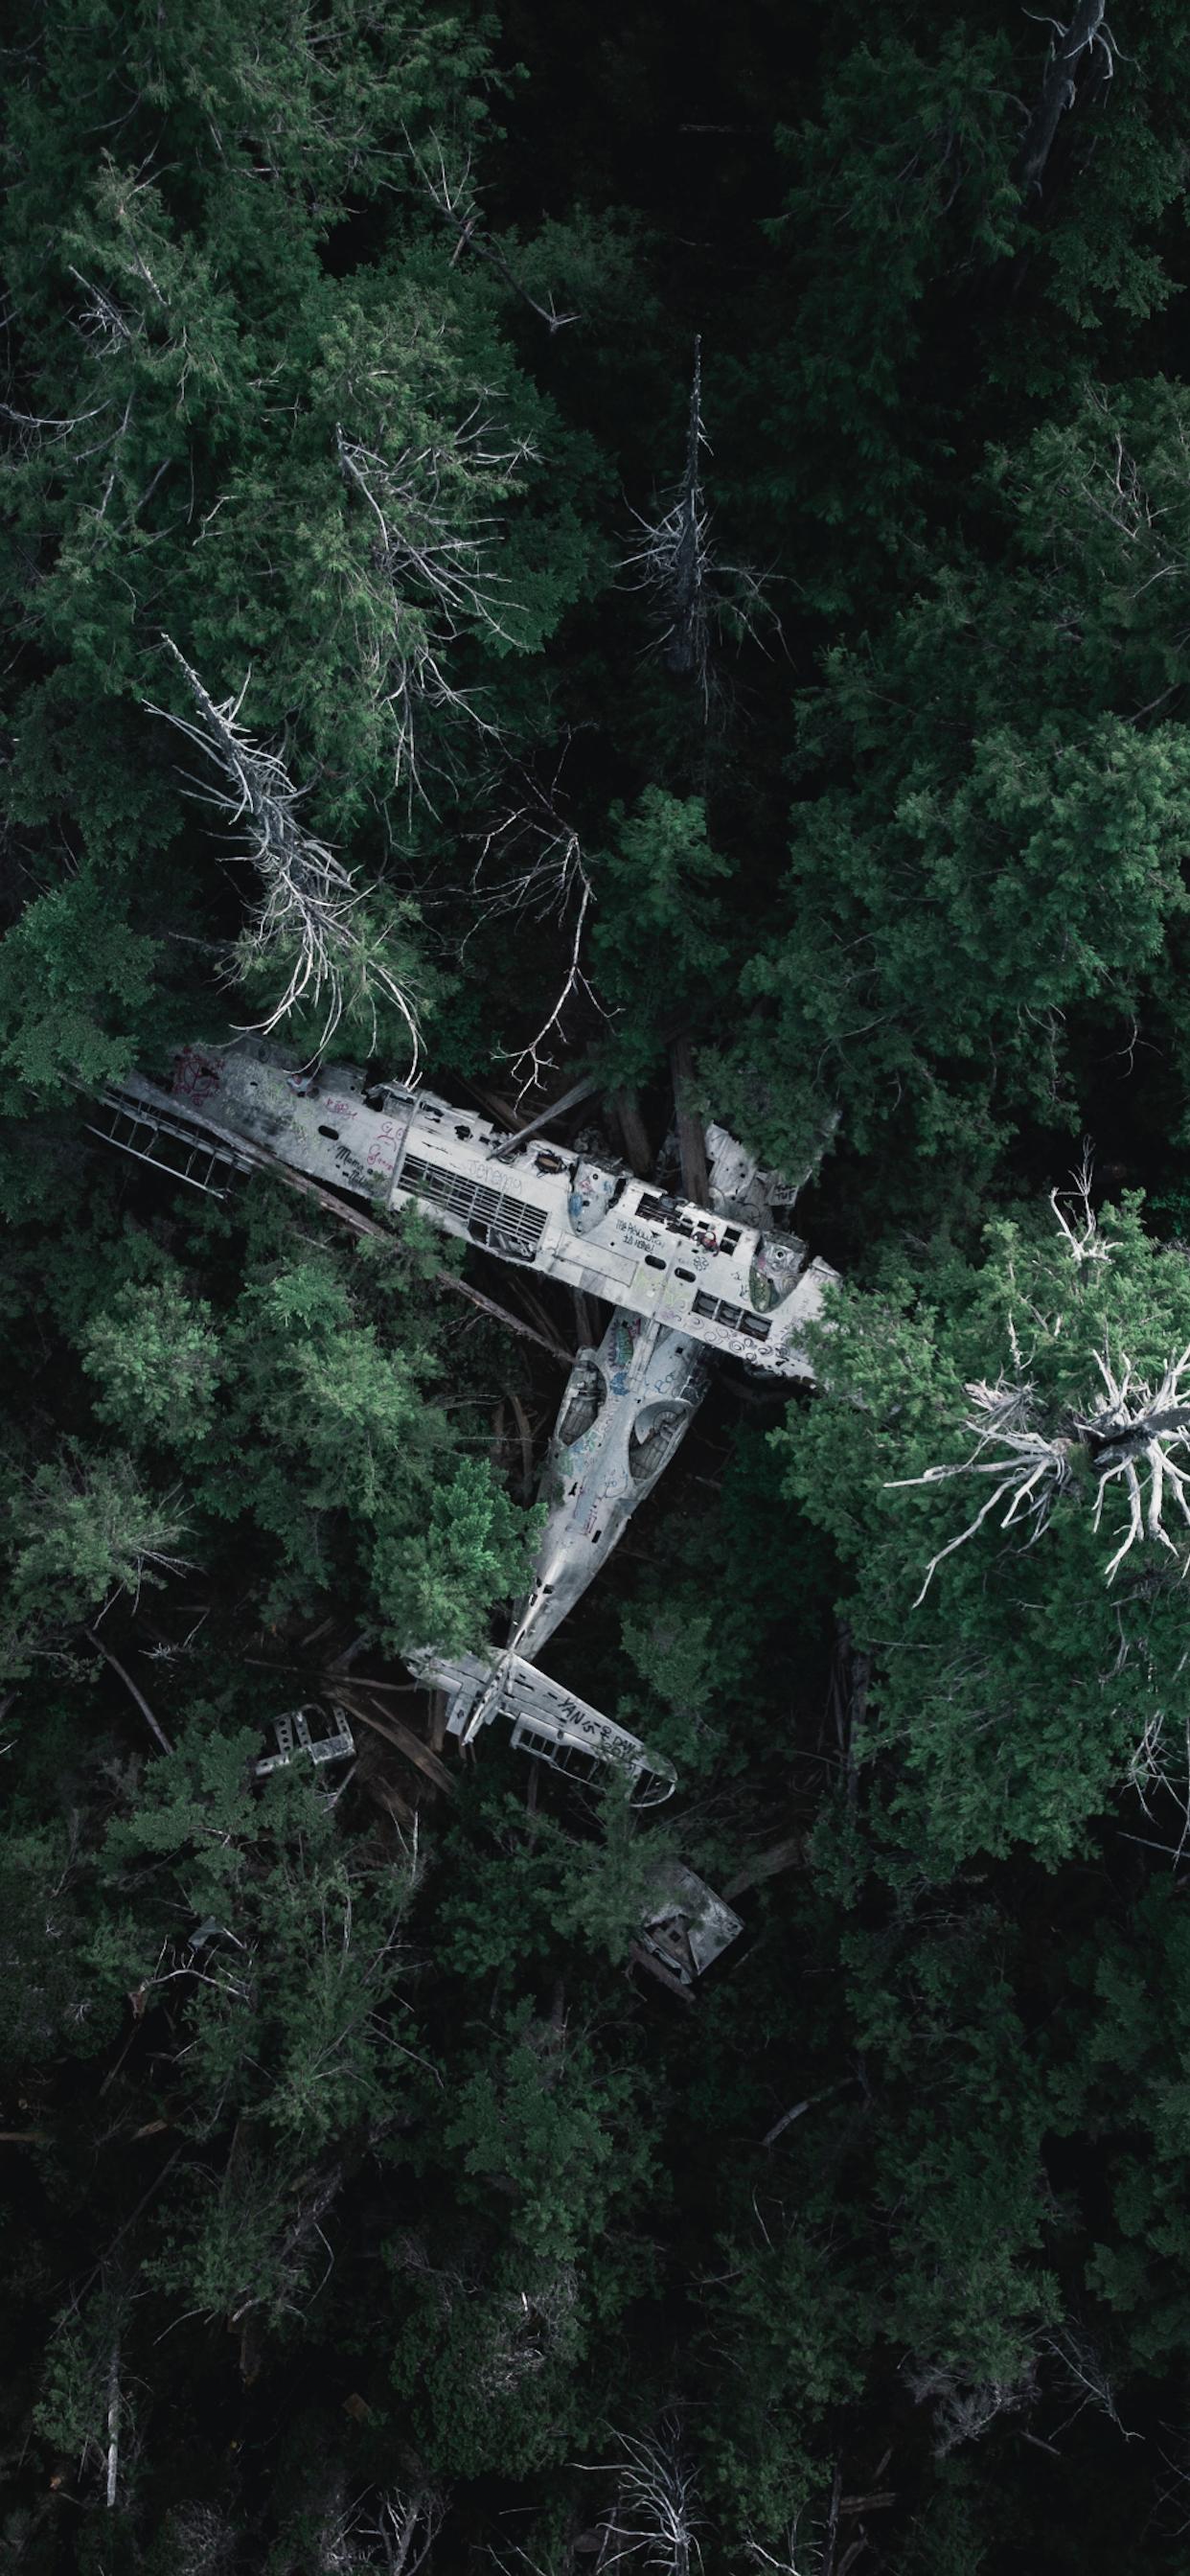 iPhone wallpapers aerial images plane 2 Fonds d'écran iPhone du 30/10/2019